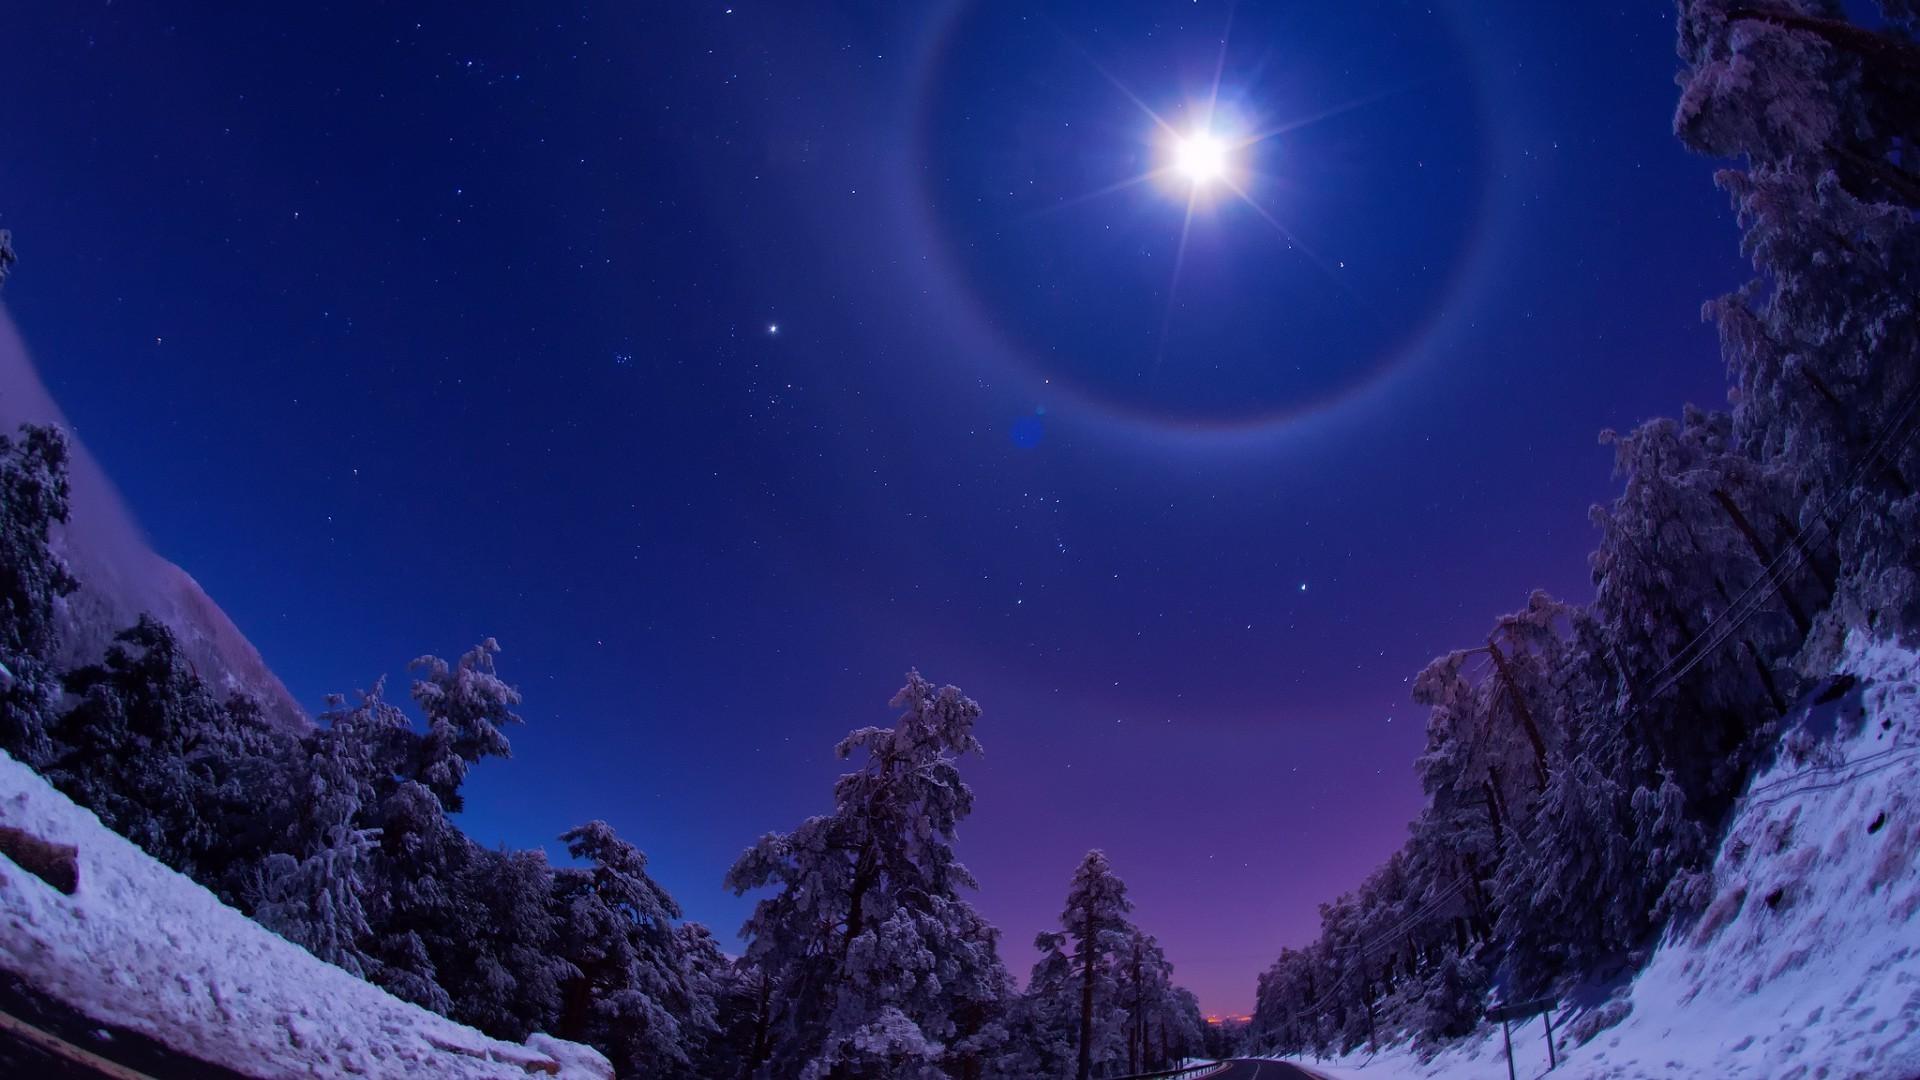 природа небо звезда снег зима деревья загрузить